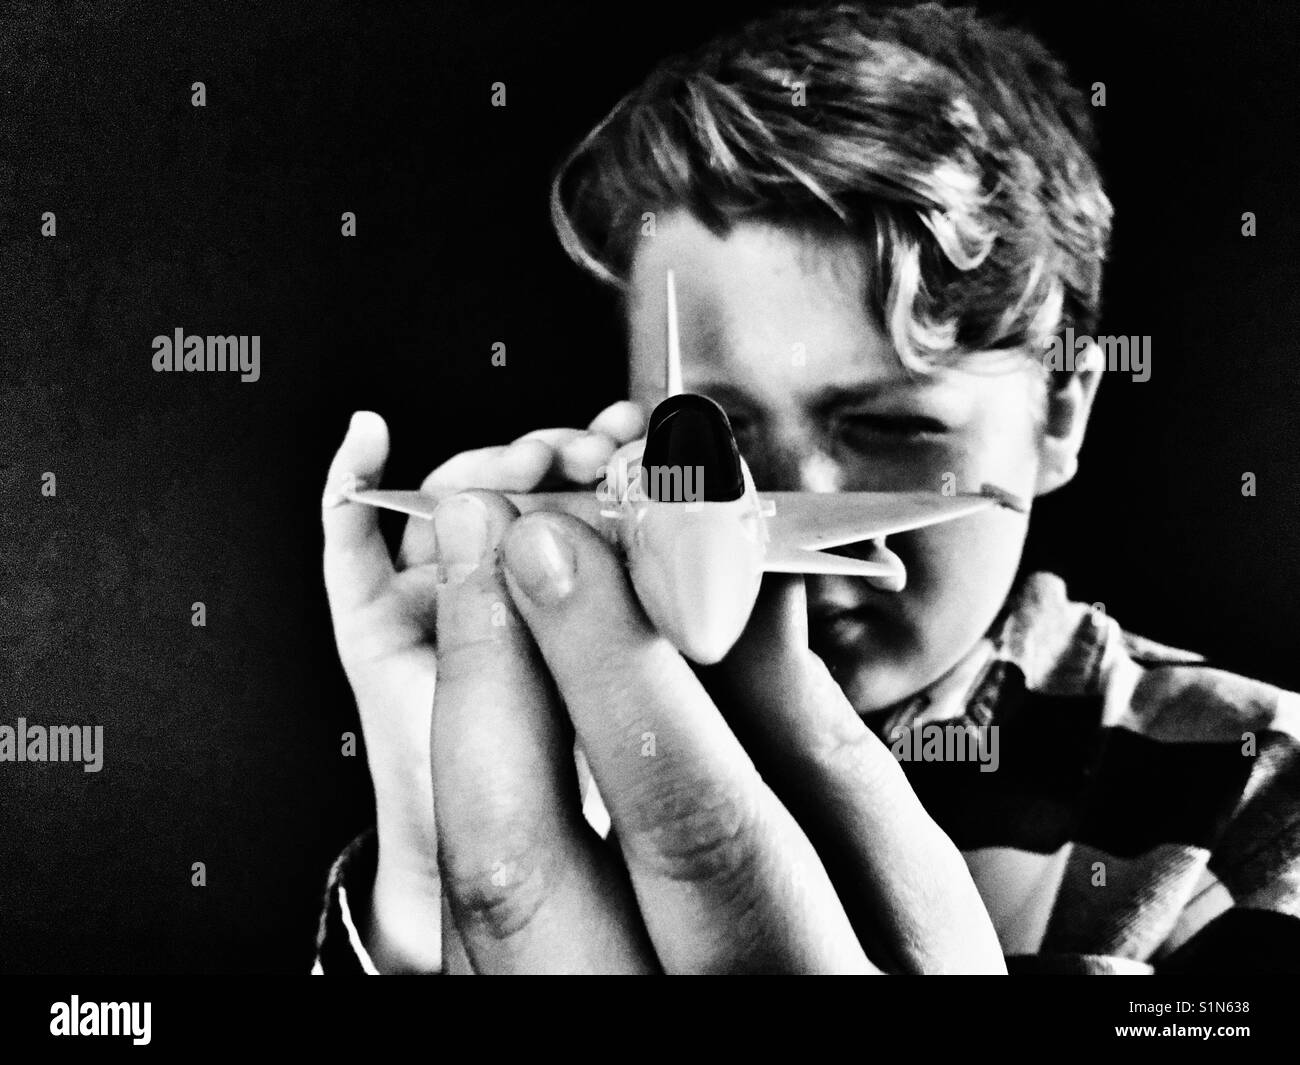 Niño jugando con aviones modelo Imagen De Stock